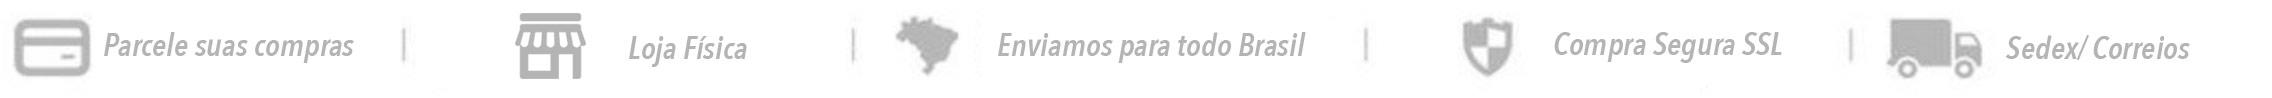 tarja 2